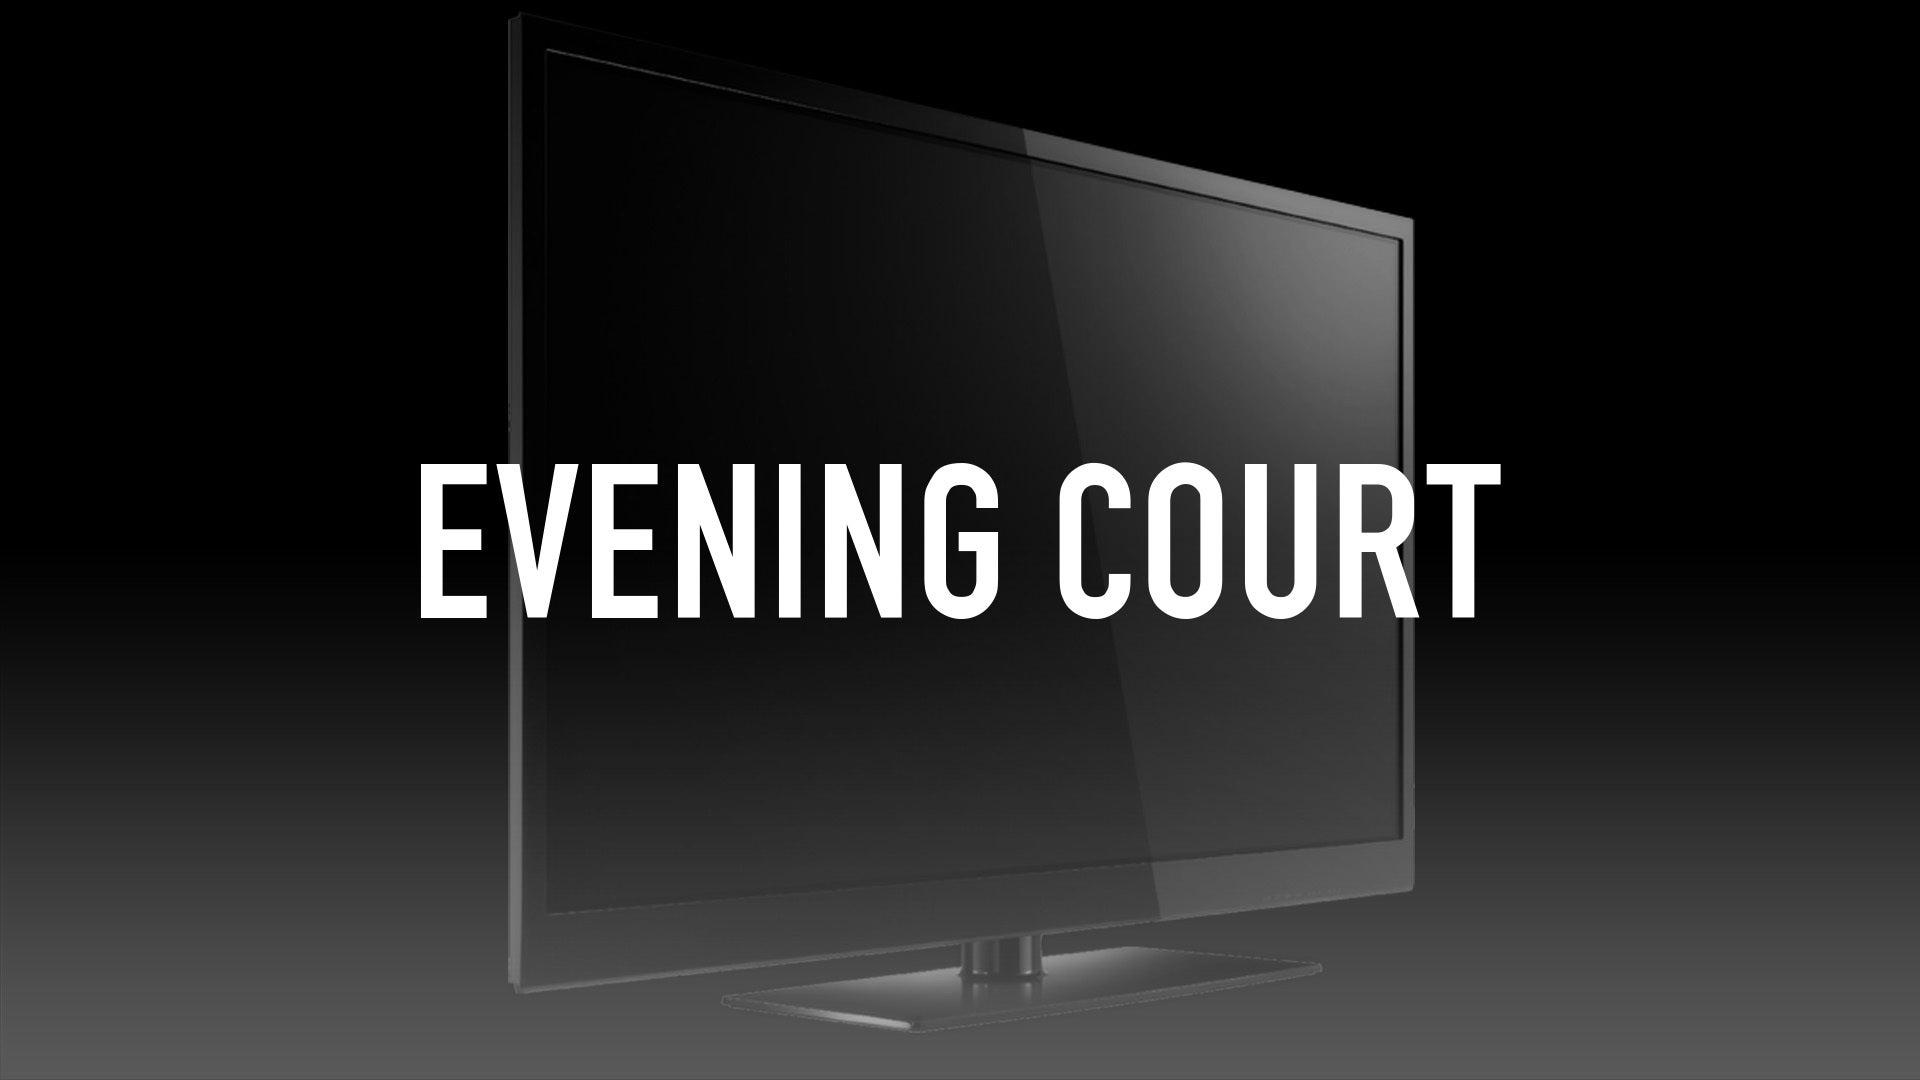 Evening Court